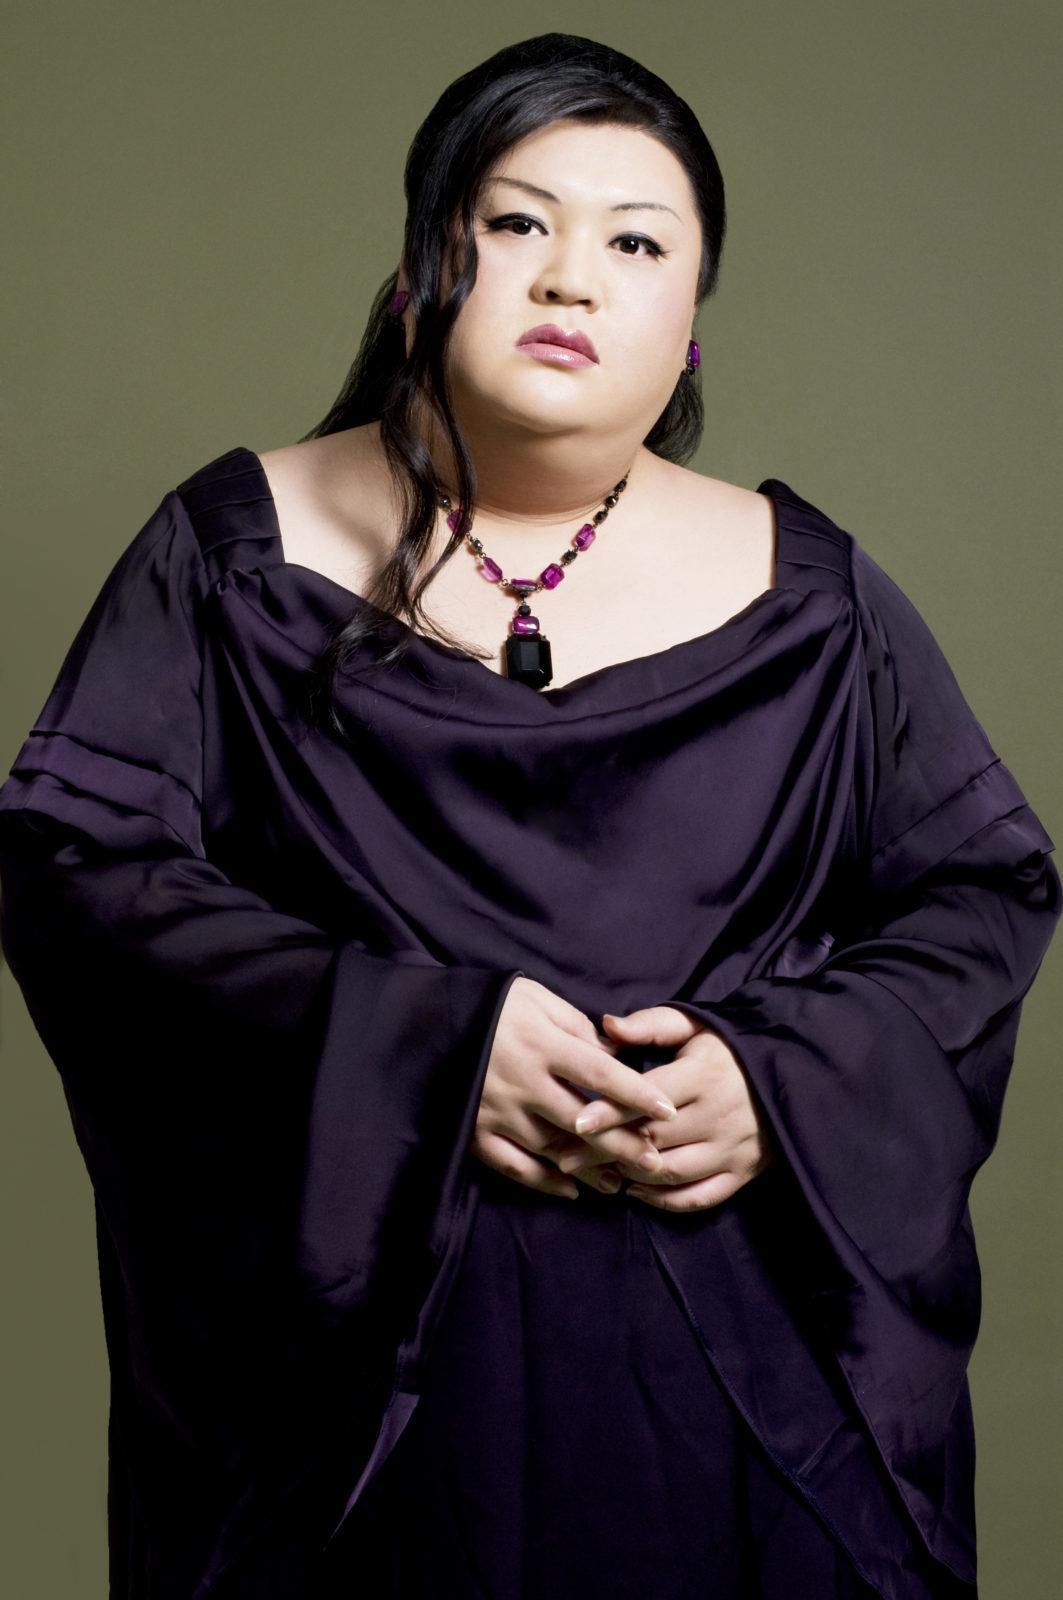 深田恭子、果たされないマツコとの約束明かし、マツコ焦り「すごいのブッ込むわね」サムネイル画像